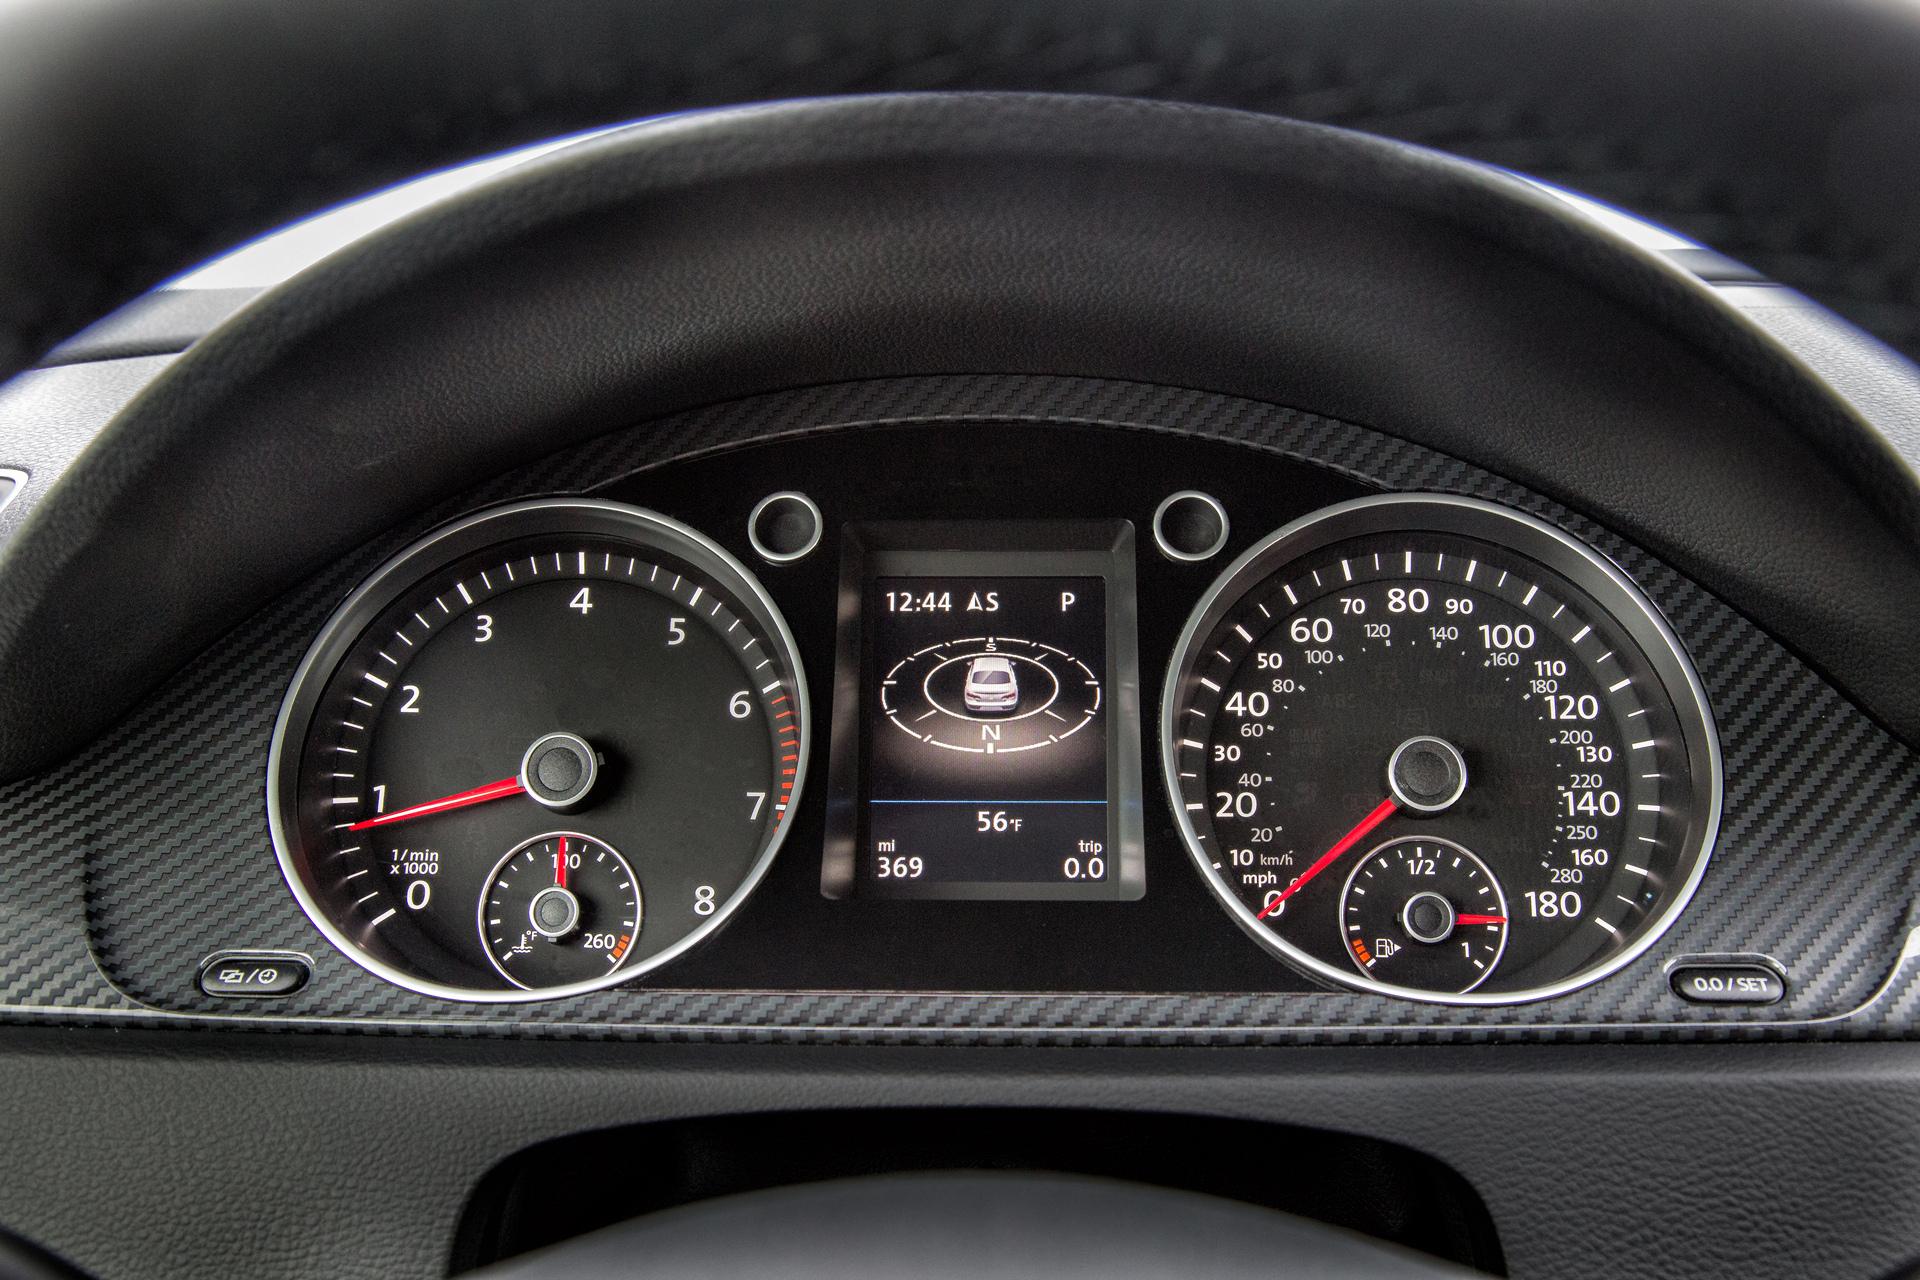 2017 Volkswagen CC © Volkswagen AG